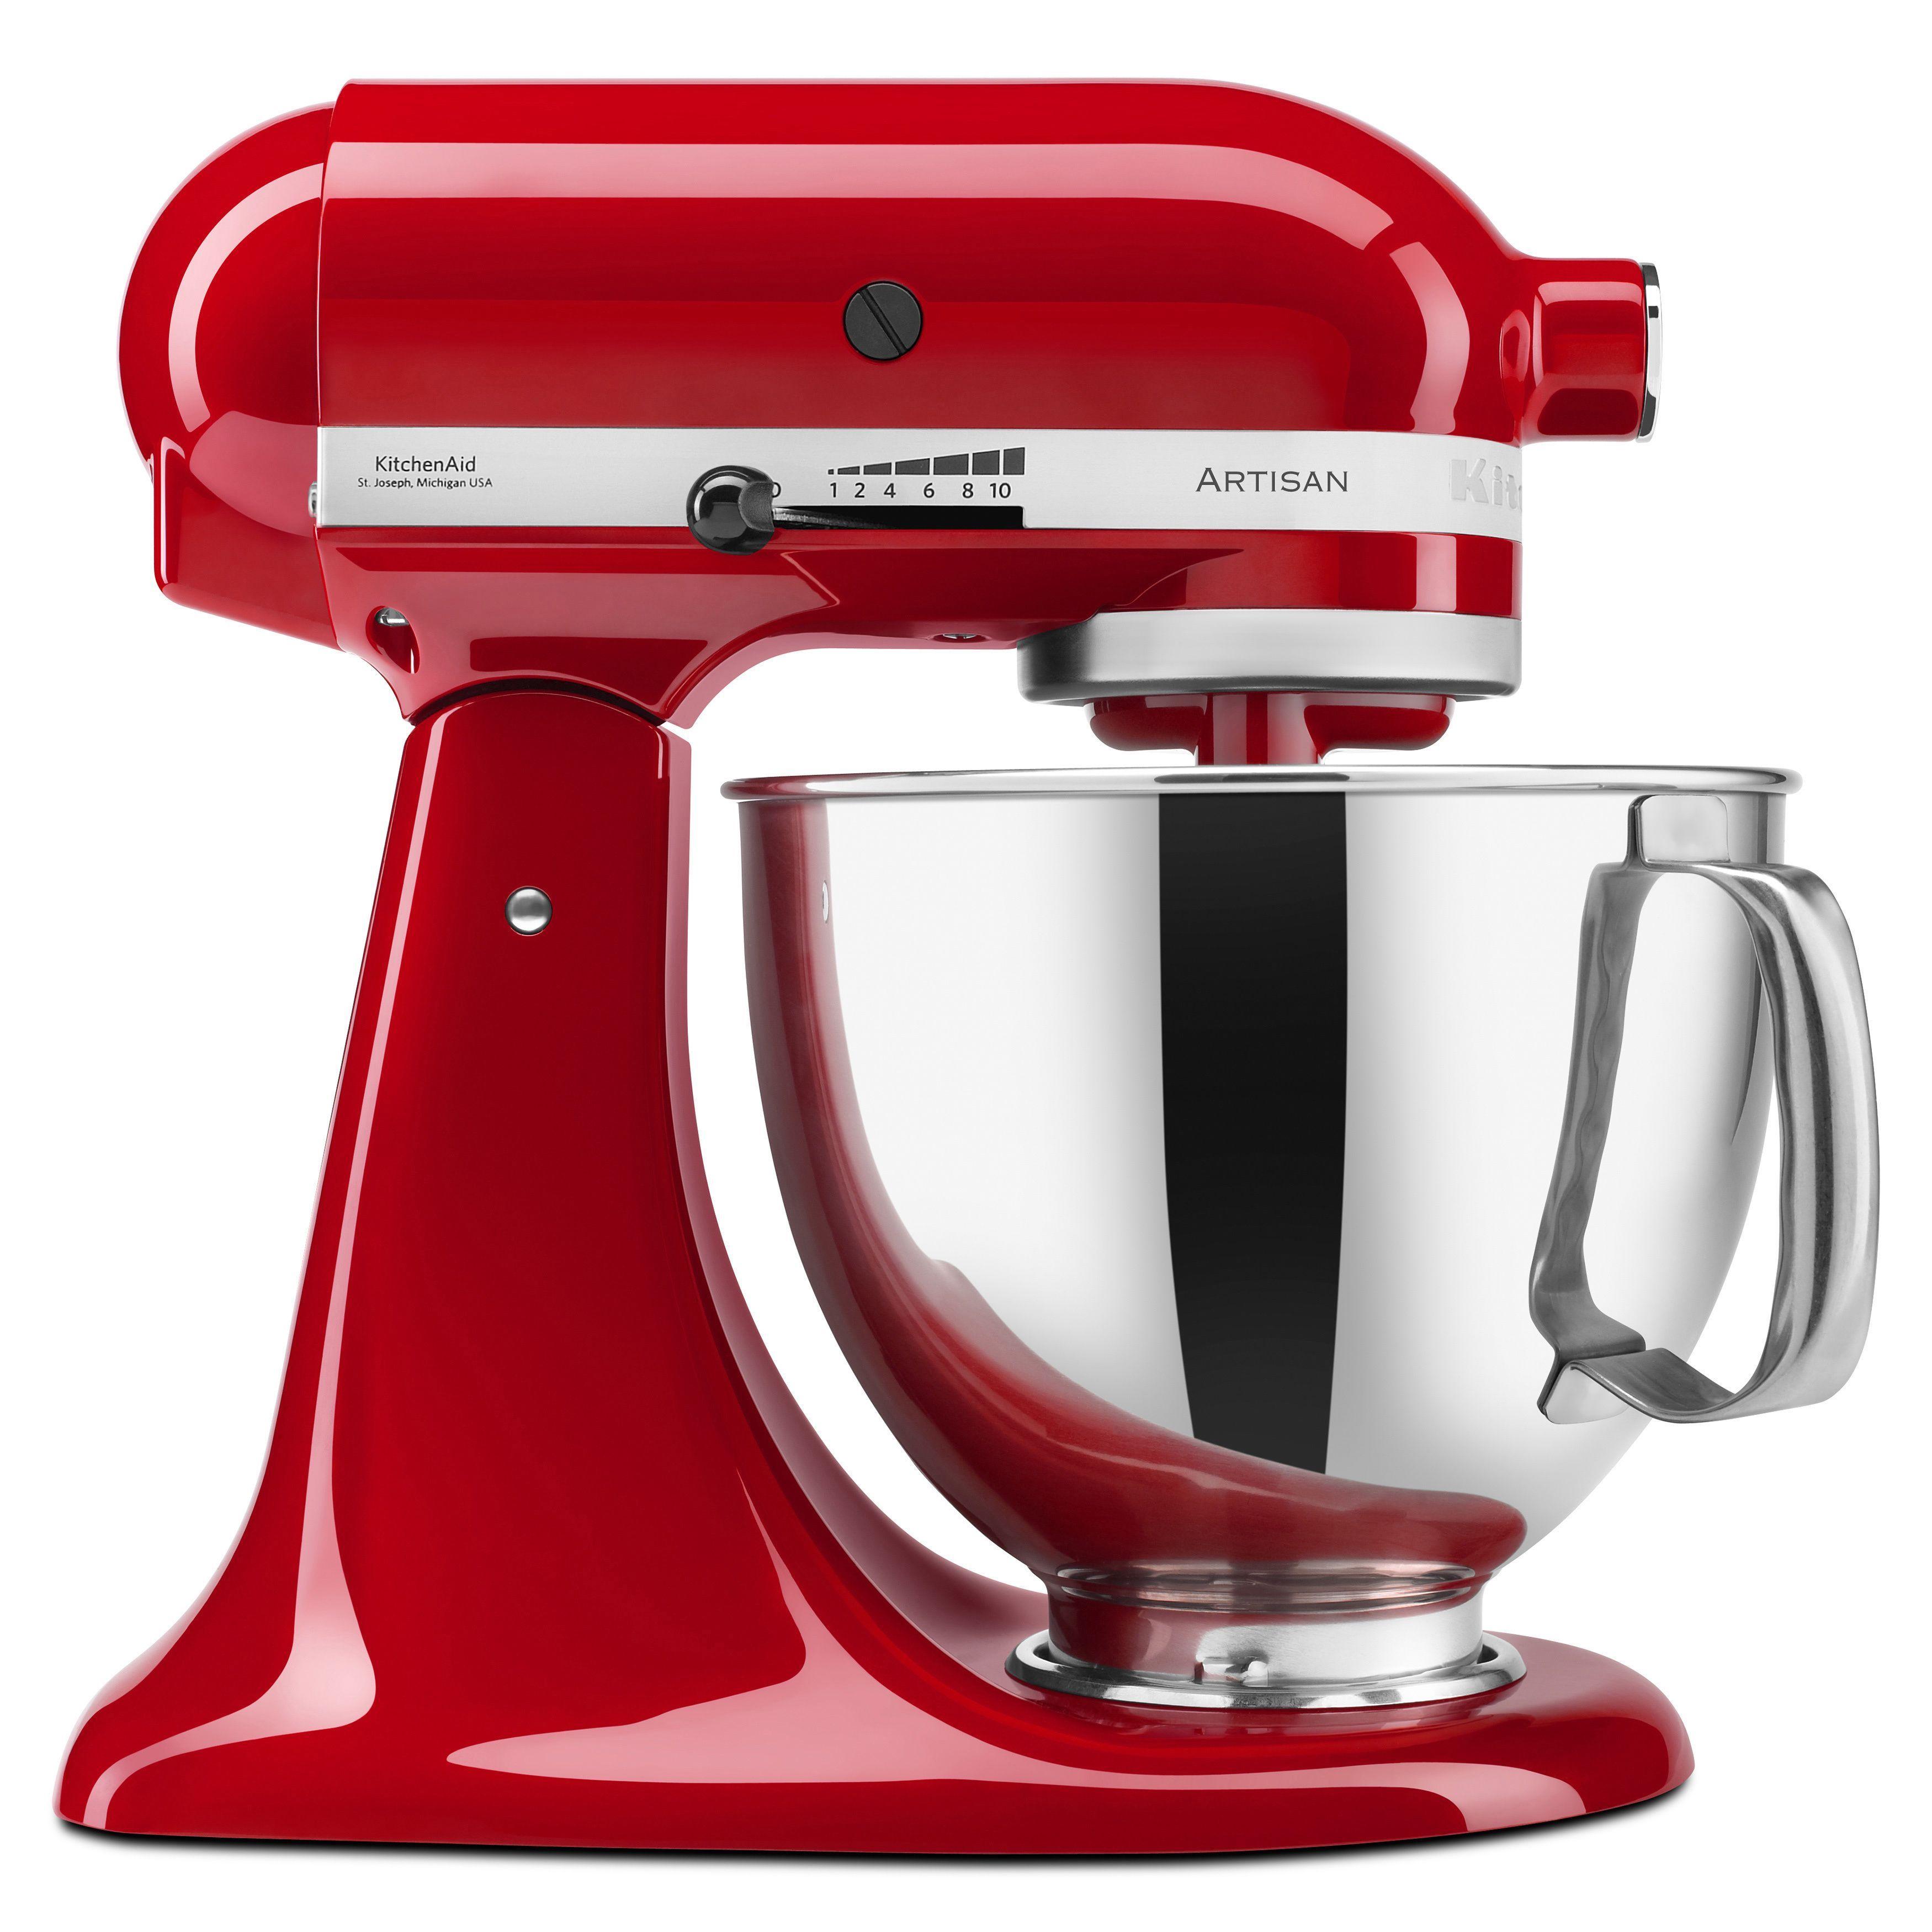 KitchenAid RRK150ER Empire Red 5 Quart Artisan Tilt Head Stand Mixer ( Refurbished) (Stainless Steel). Kitchen Aid MixerSmall Kitchen AppliancesRed  ...